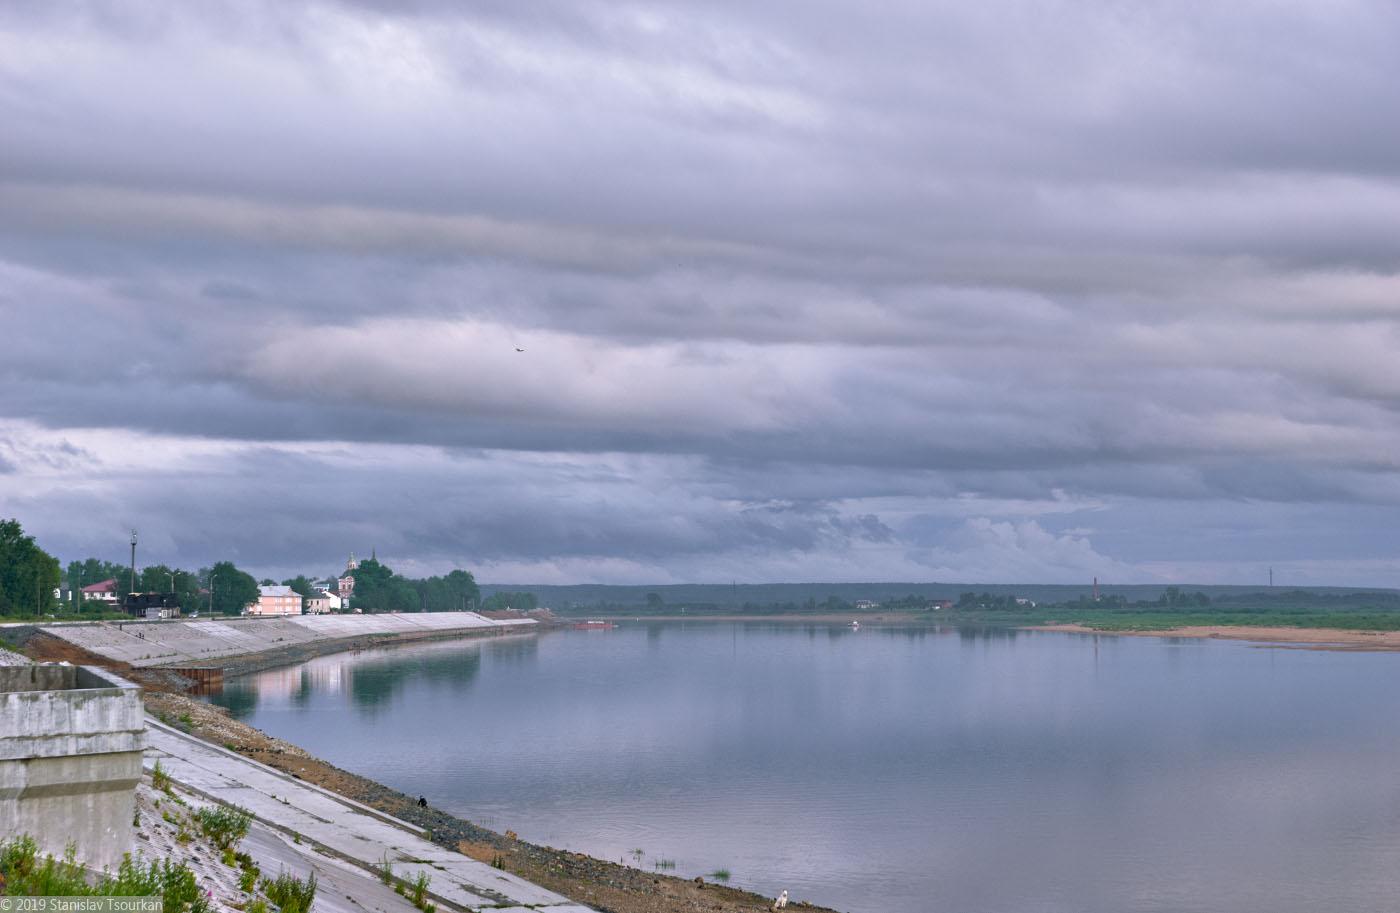 Вологодская область, Вологодчина, Великий Устюг, Русский север, Сухона, набережная